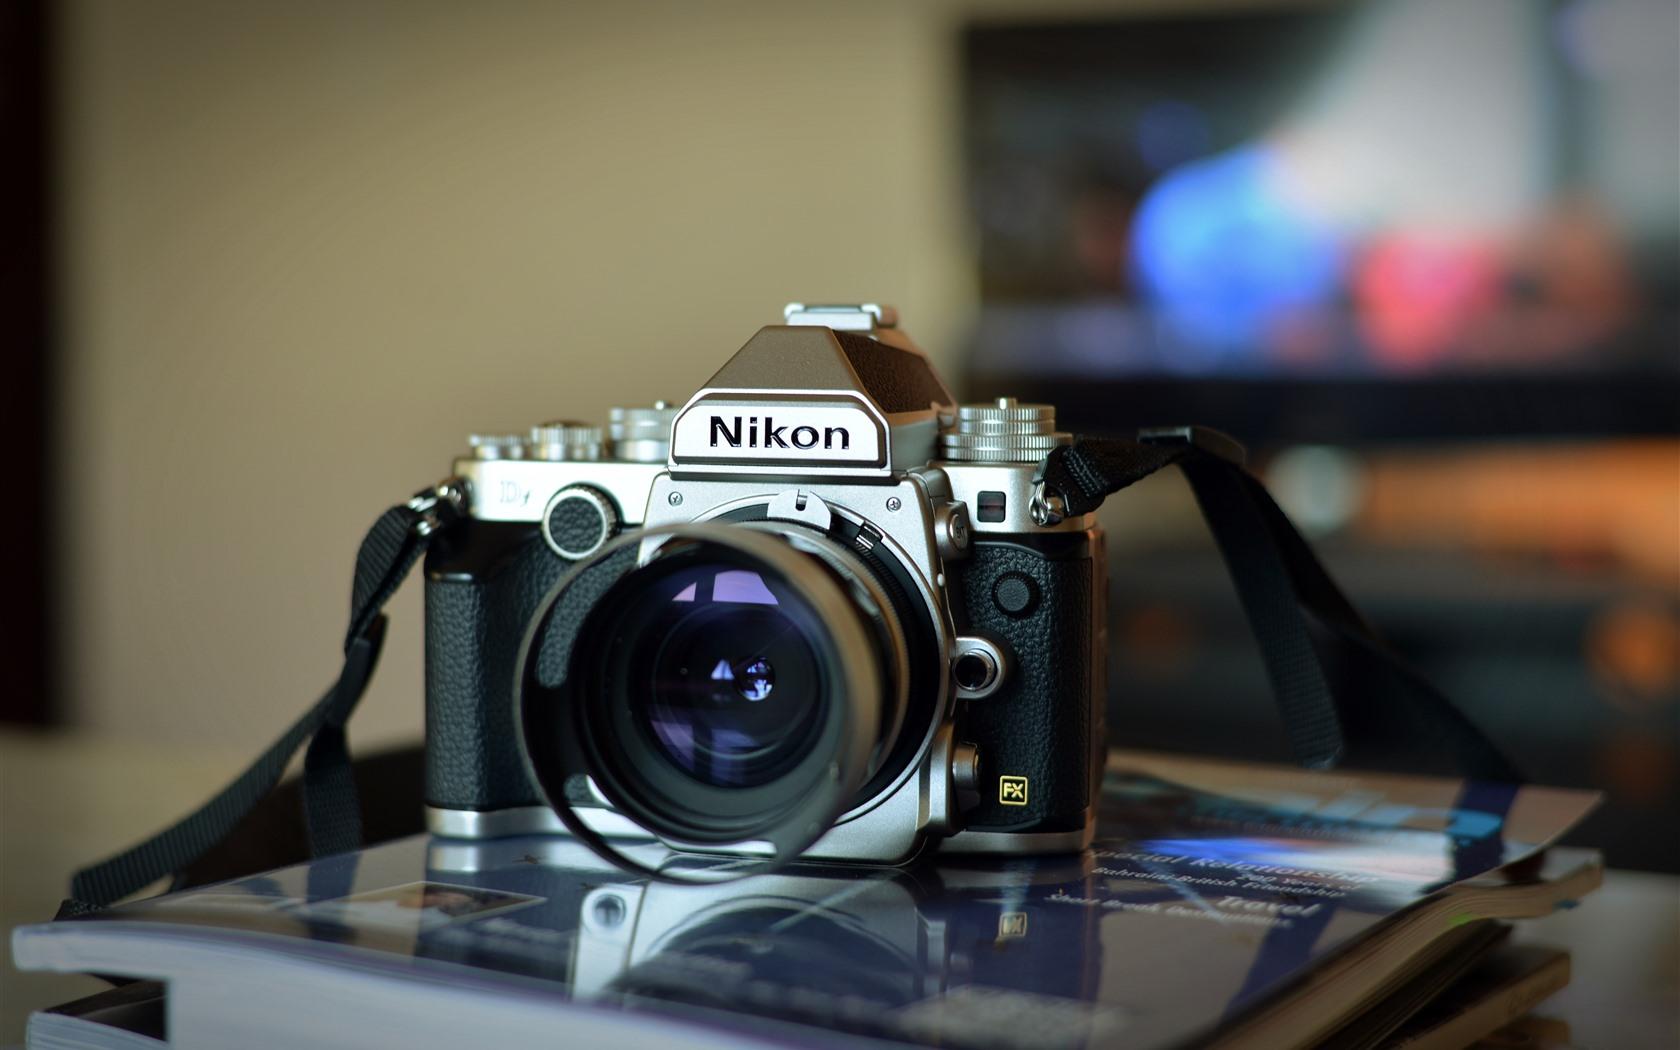 Fonds Décran Appareil Photo Numérique Nikon 5120x2880 Uhd